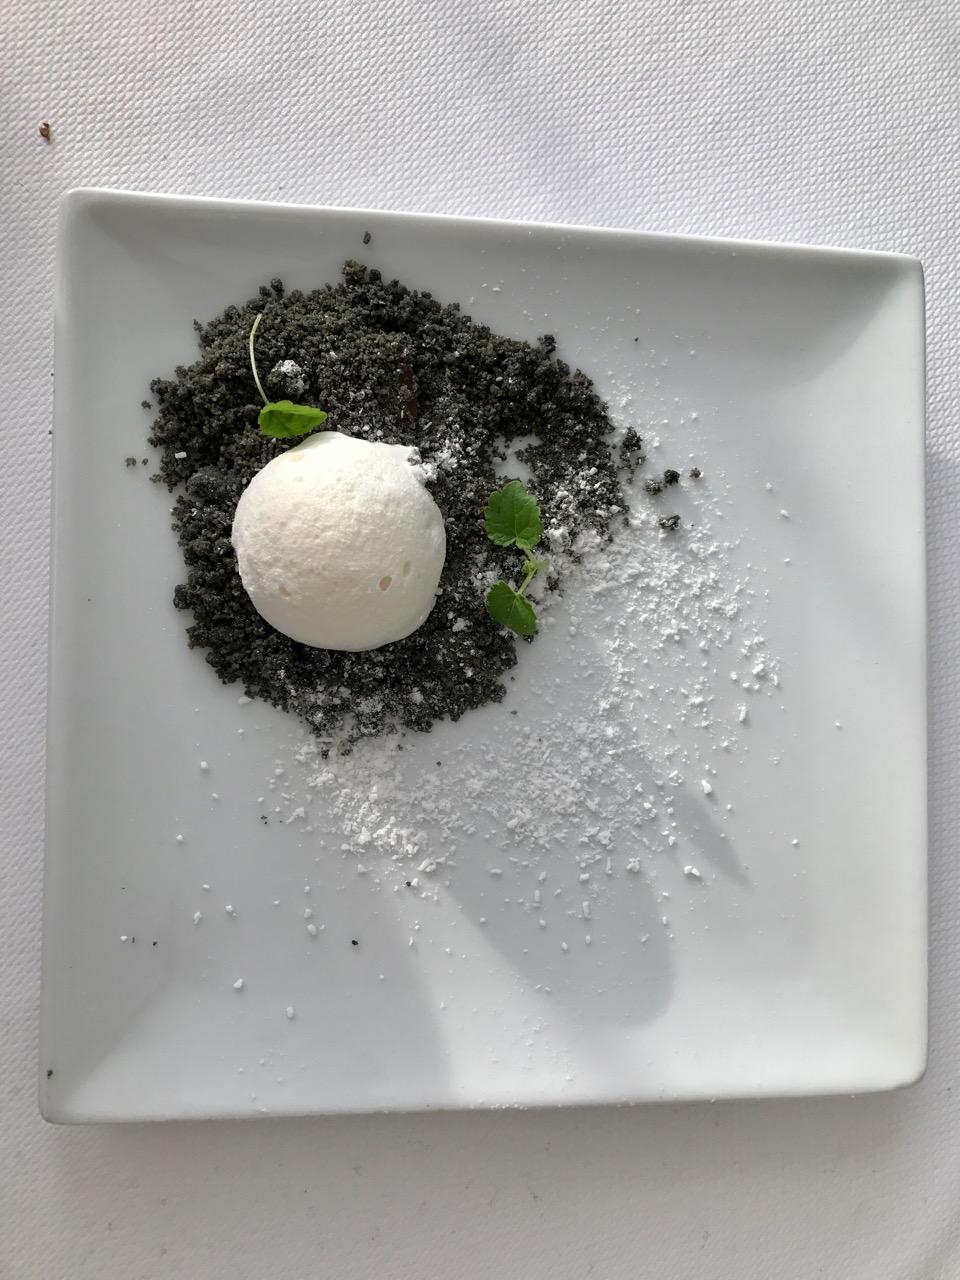 Restaurant Pouic Pouic - Crème au citron et yuzu, sorbet coco, rhum aux épices